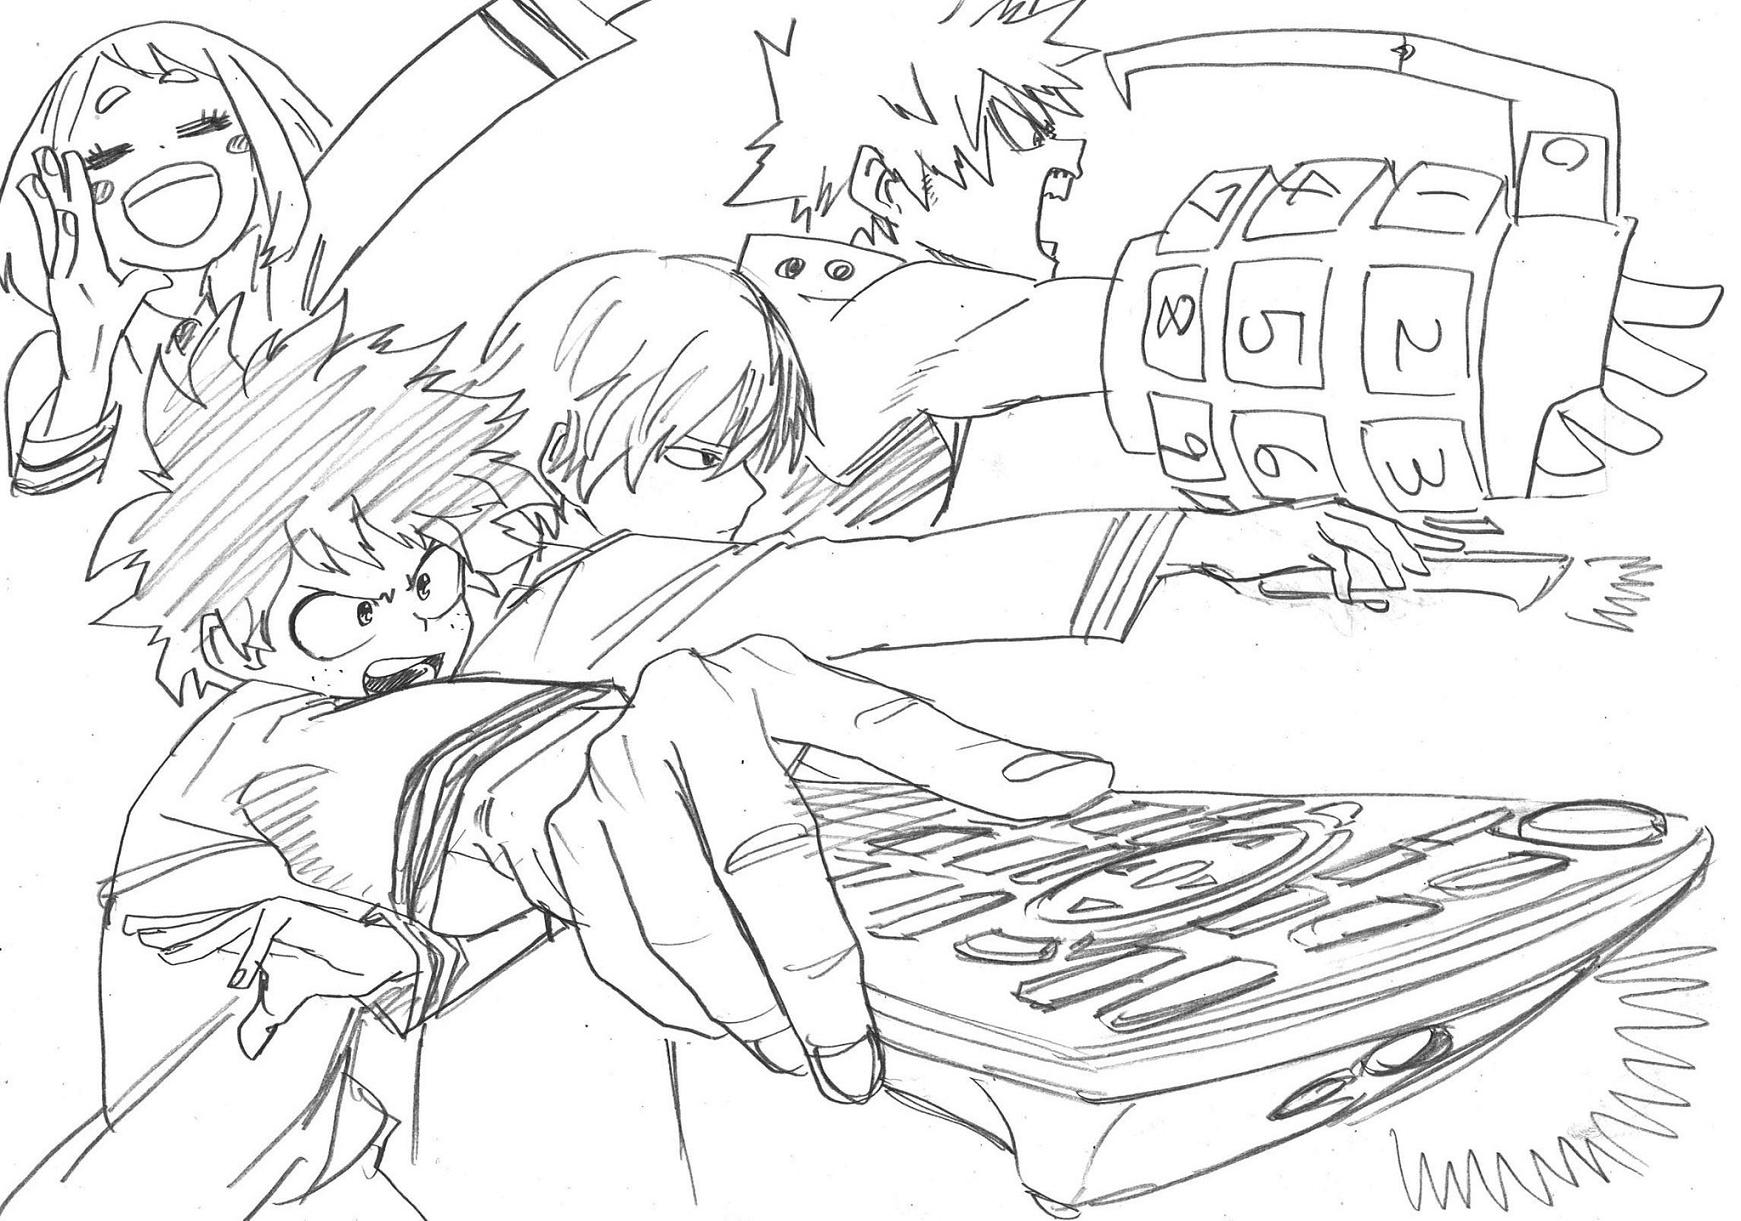 Episode 13.5 Sketch